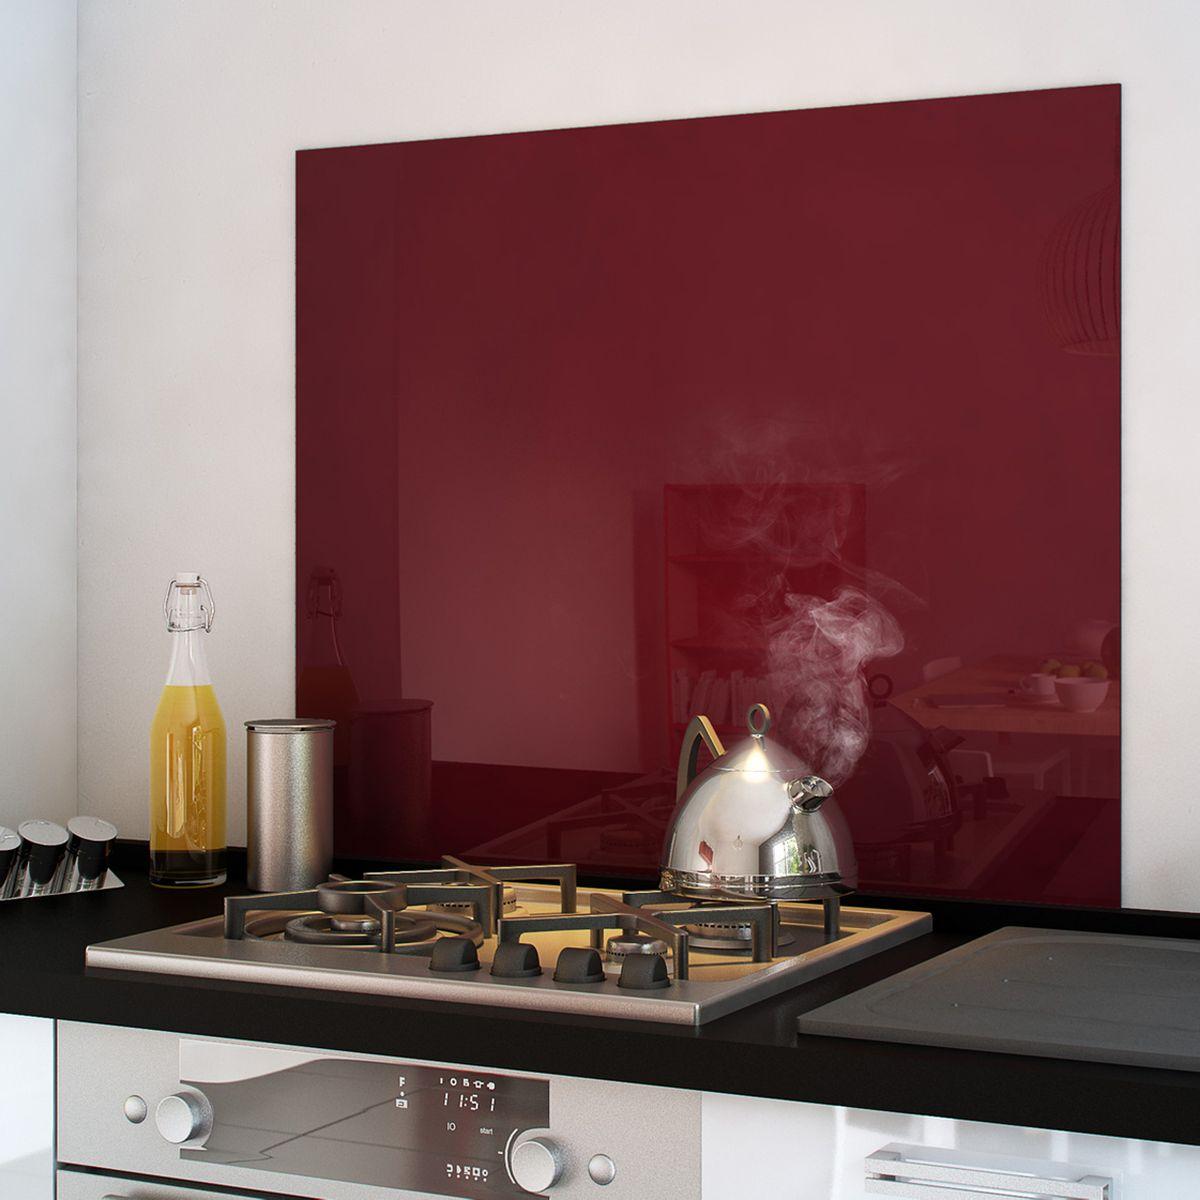 Crédence fond de hotte en verre trempé & laqué - Coloris pourpre, rouge ou orange, 90 x 75 cm (cuisissimo.com)